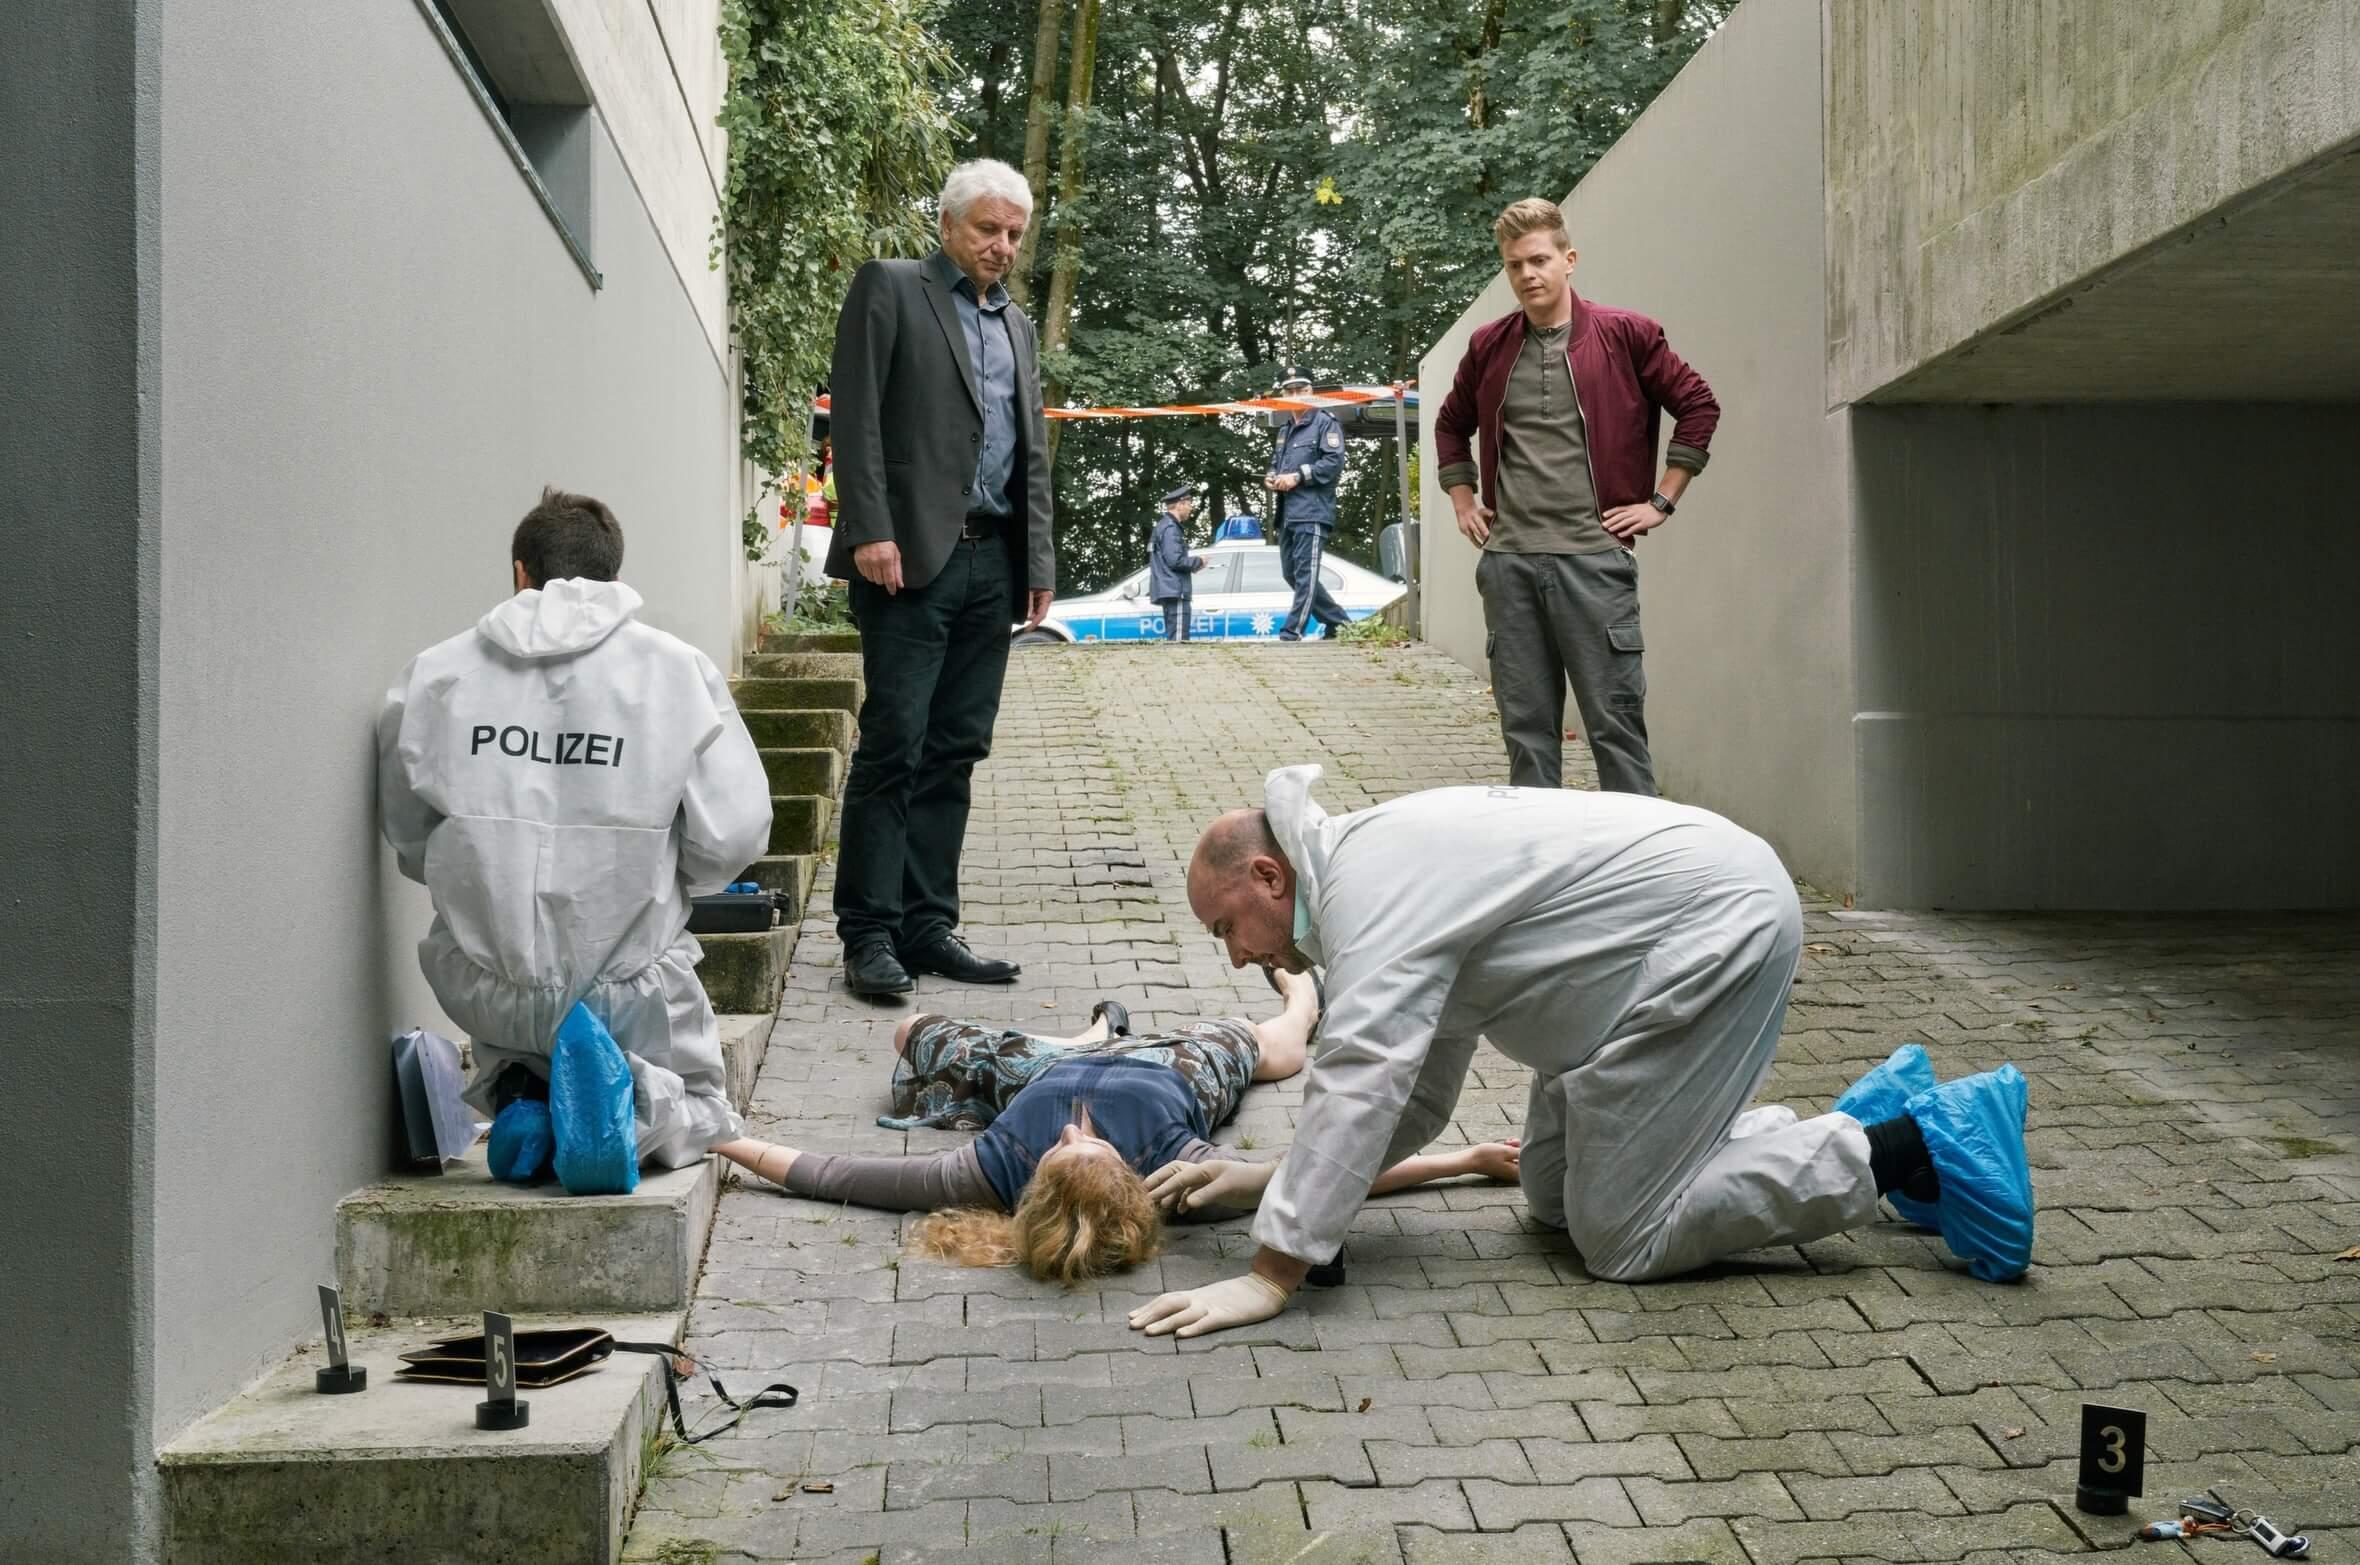 Tatort Folge 1022: Die Liebe, ein seltsames Spiel - Tatort Fans